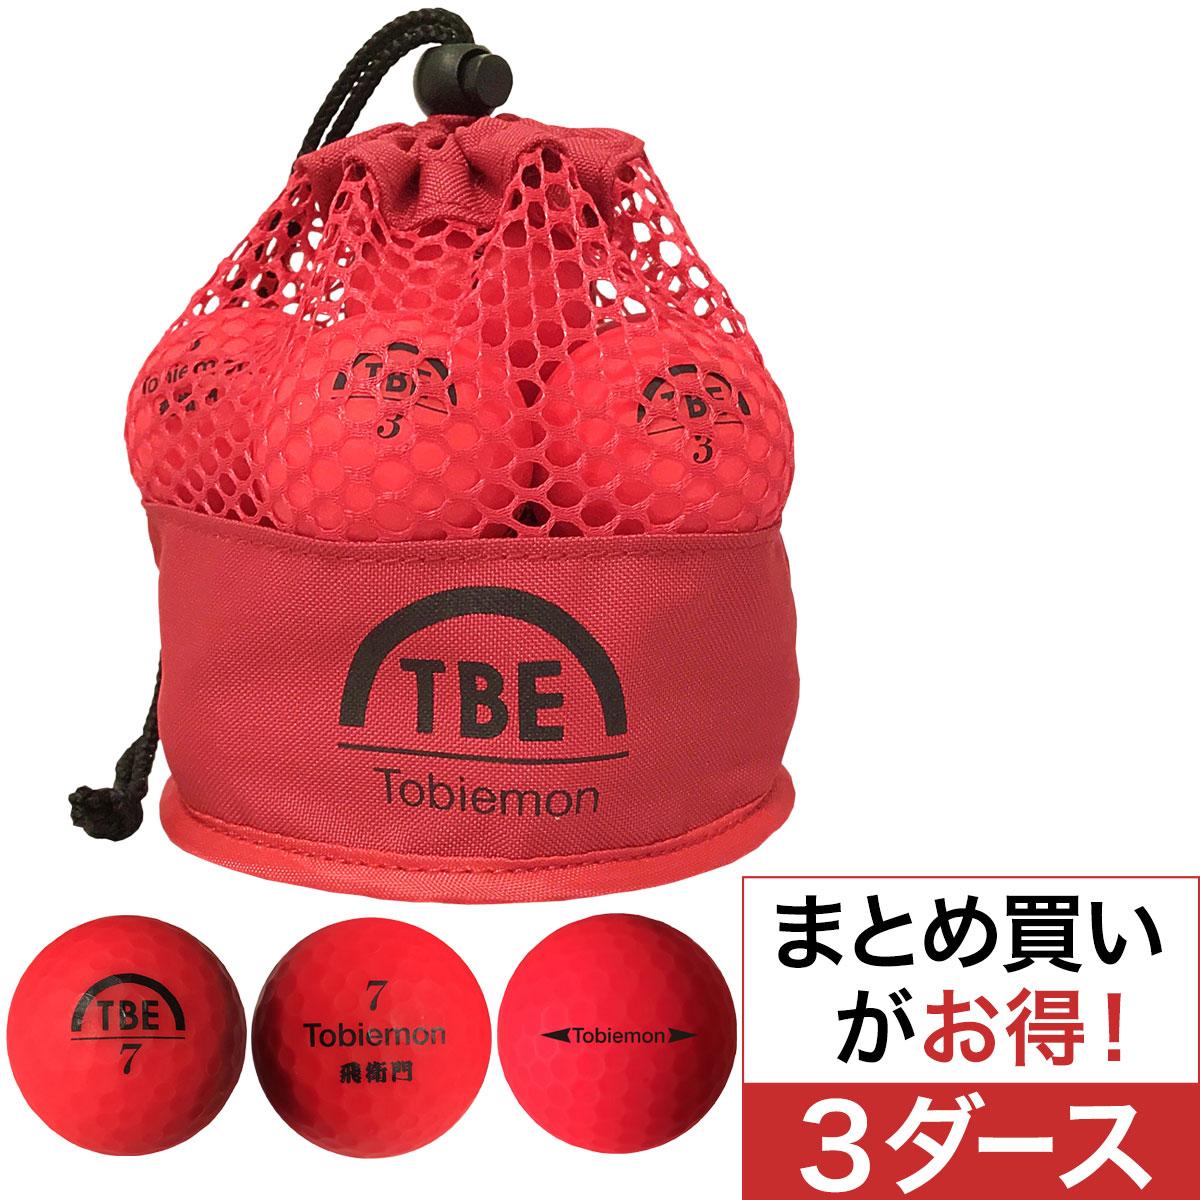 T-MRE メッシュバッグ入り ボール 蛍光マットレッド 3ダースセット